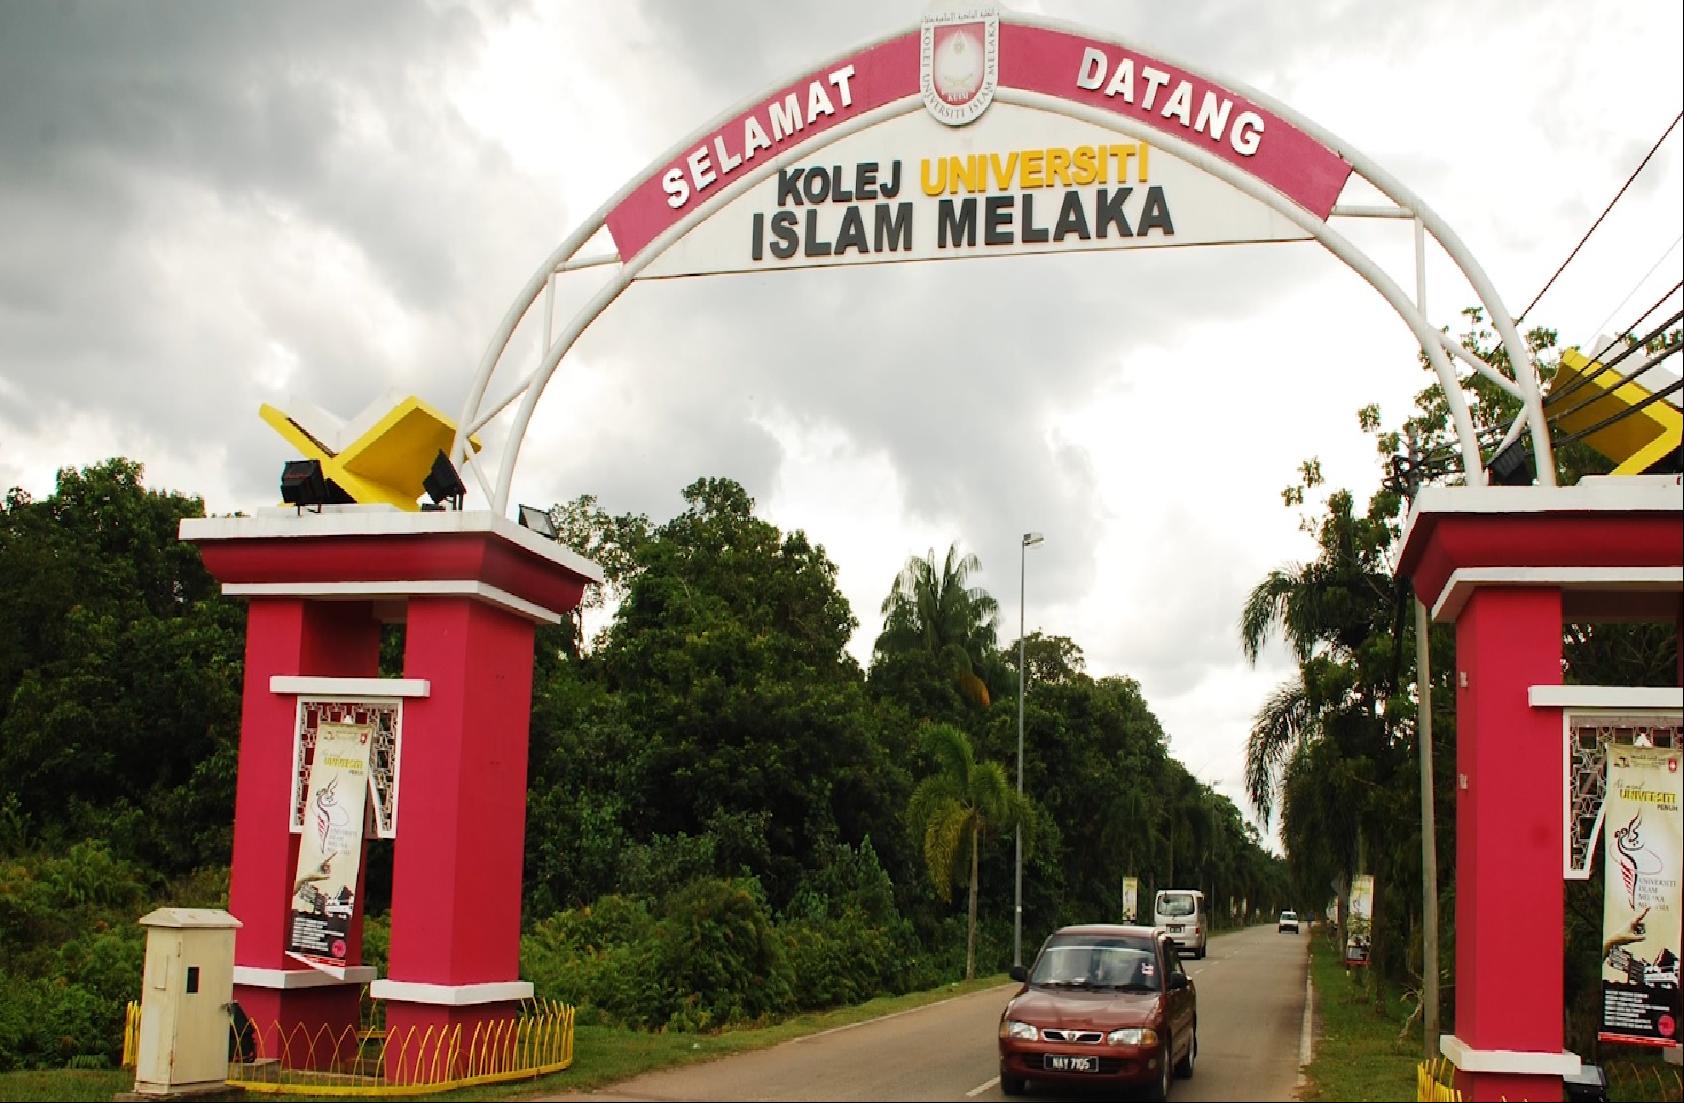 马六甲大学的前身是马六甲伊斯兰大学学院-南海国际学分银行